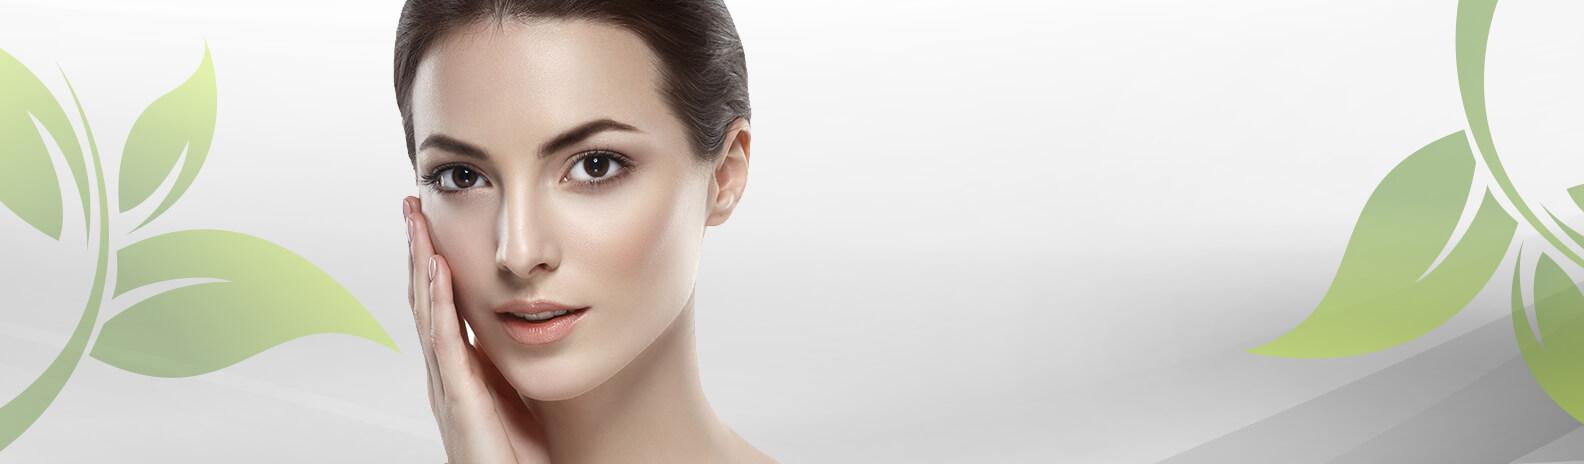 איבחונים קליניים לעורות אדמומיים